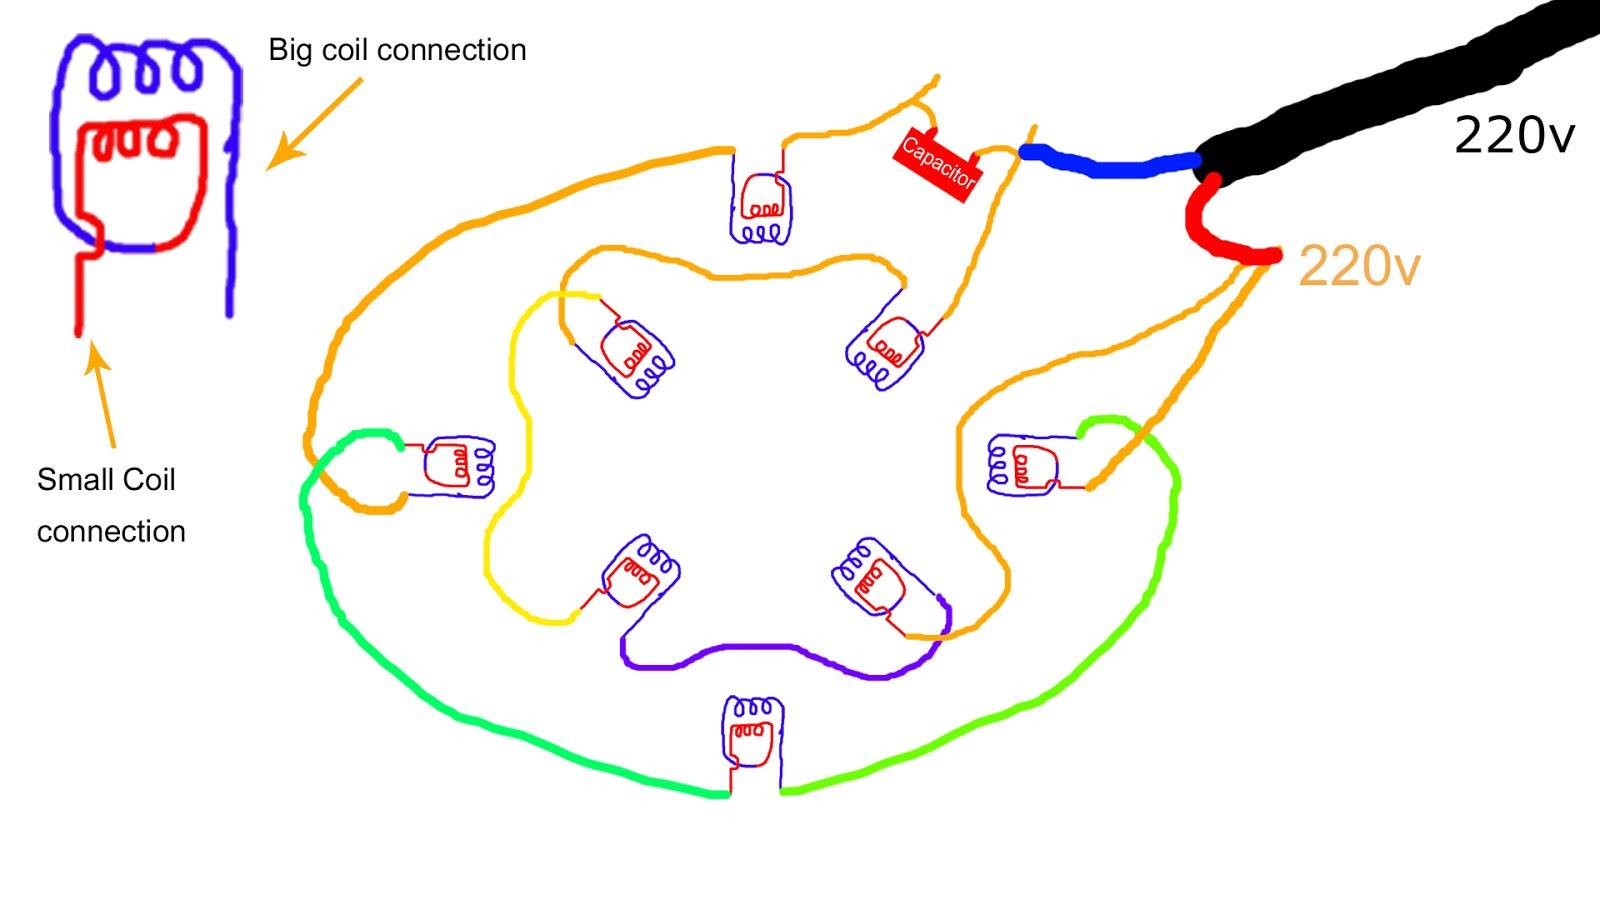 dryer machine motor diagram running and starting winding [ 1600 x 900 Pixel ]